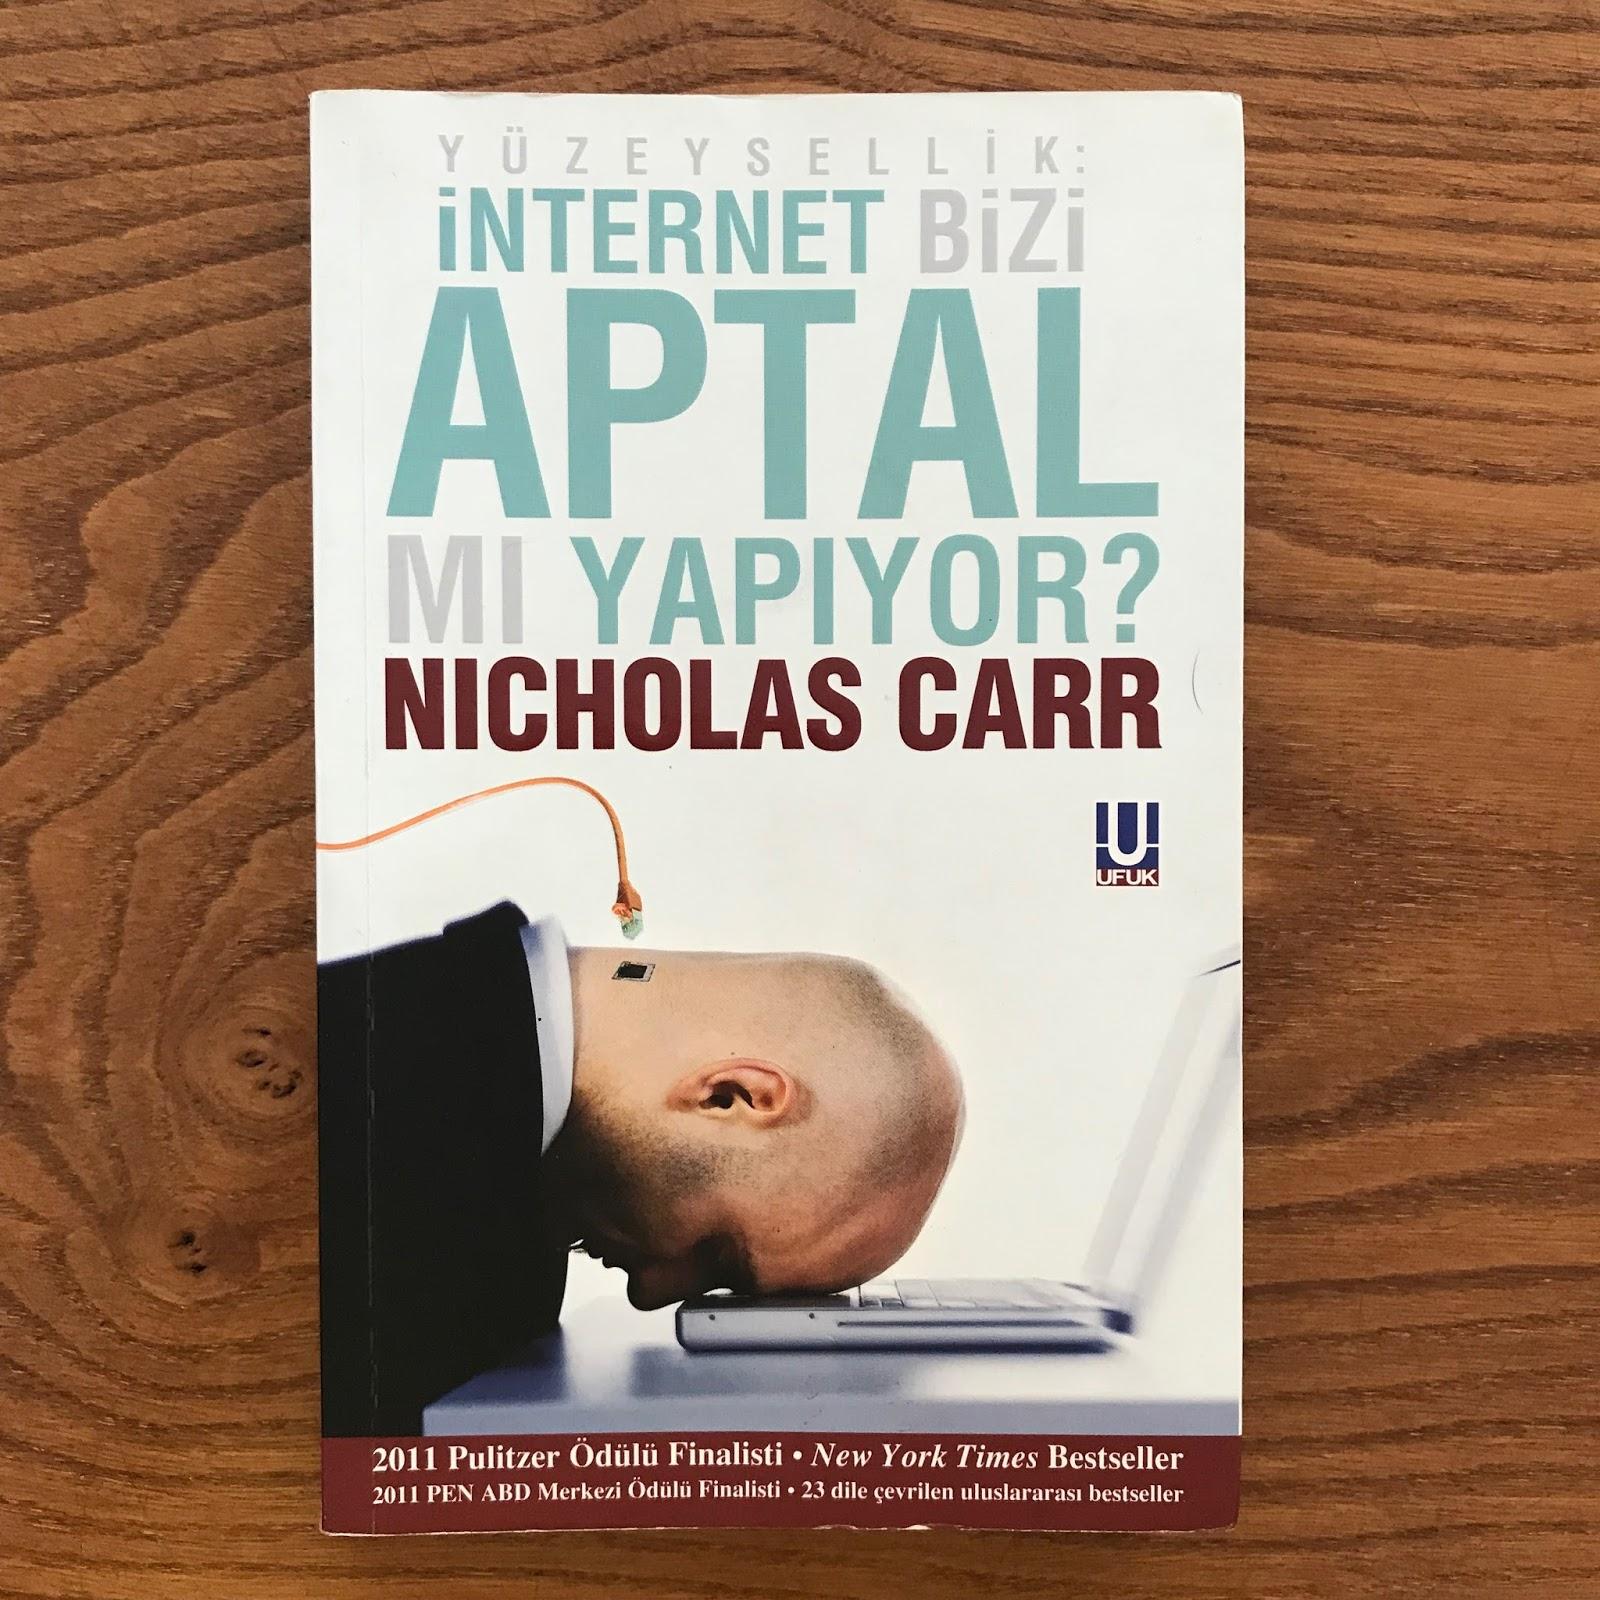 Yuzeysellik: Internet Bizi Aptal Mi Yapiyor? (Kitap)